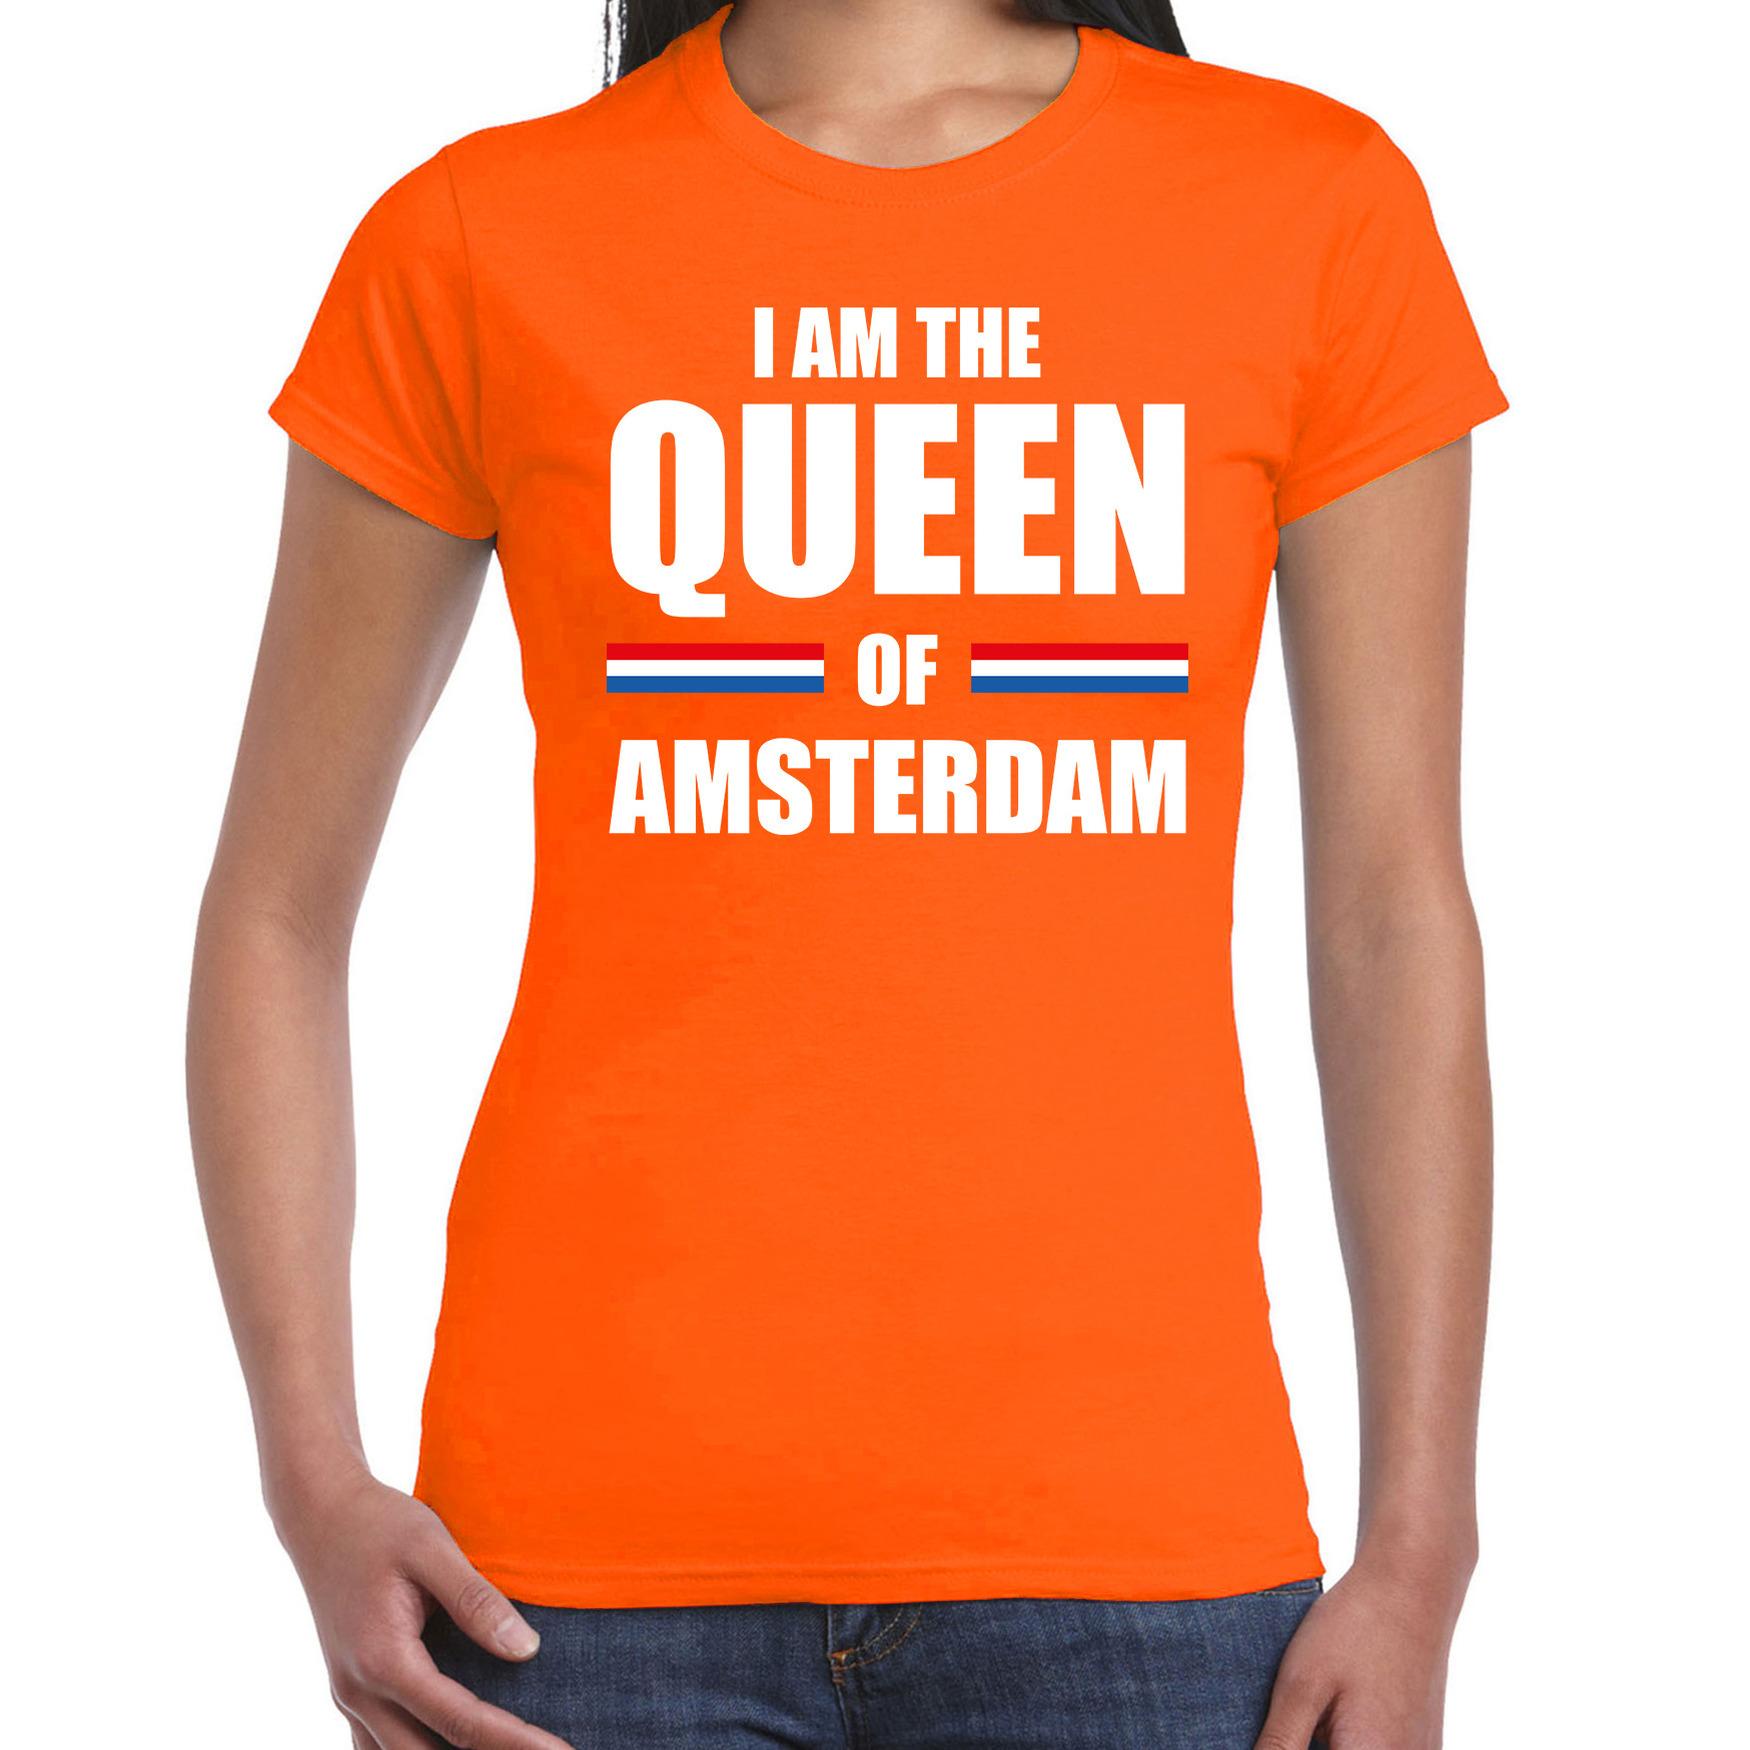 Oranje i am the queen of amsterdam shirt koningsdag t shirt voor dames